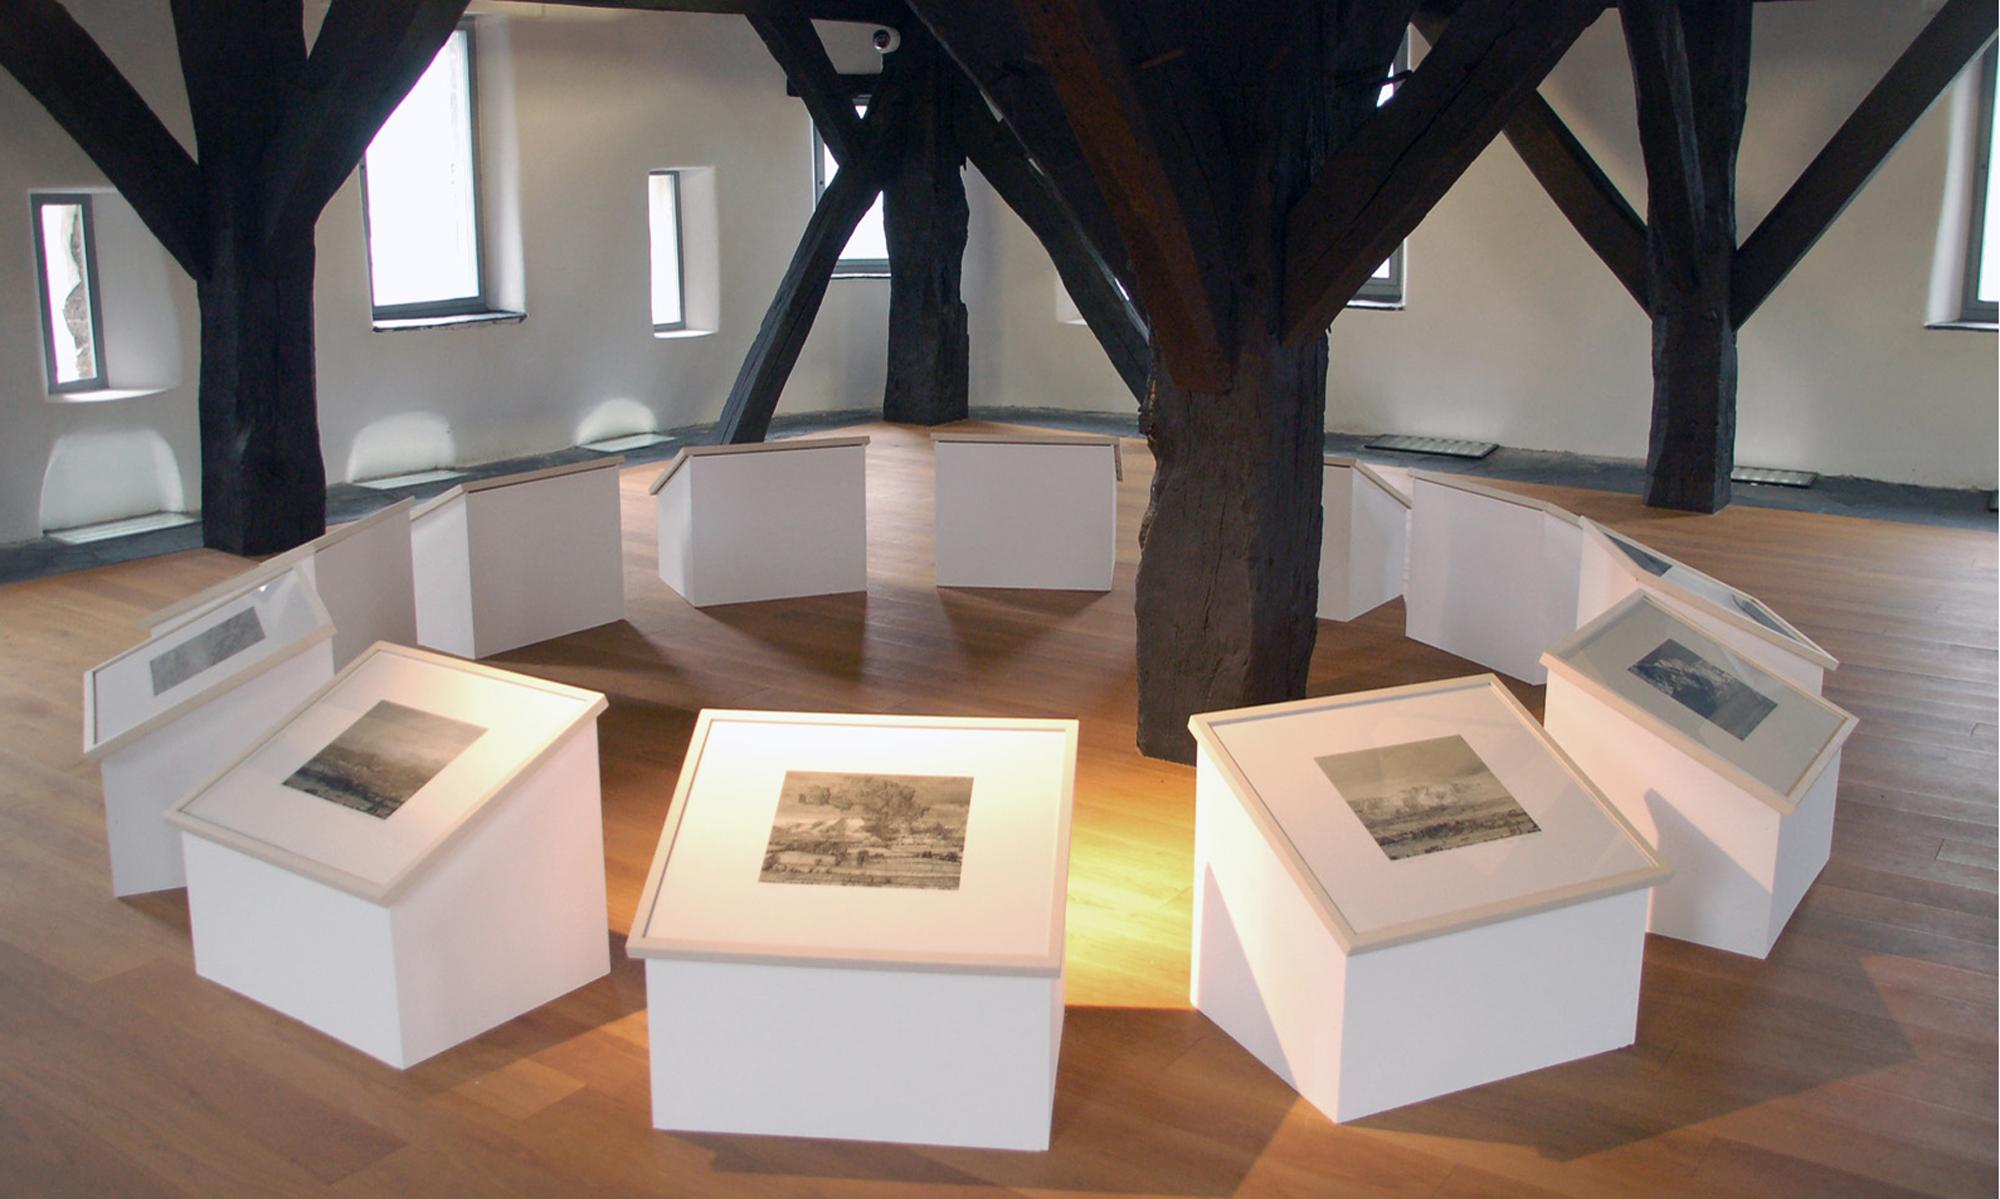 Zwölf weiße Holzobjekte mit schwarzweißen Grafiken auf einem Holzfußboden im Kreis. Sie befinden sich im Turmzimmer des Museums Boppard.